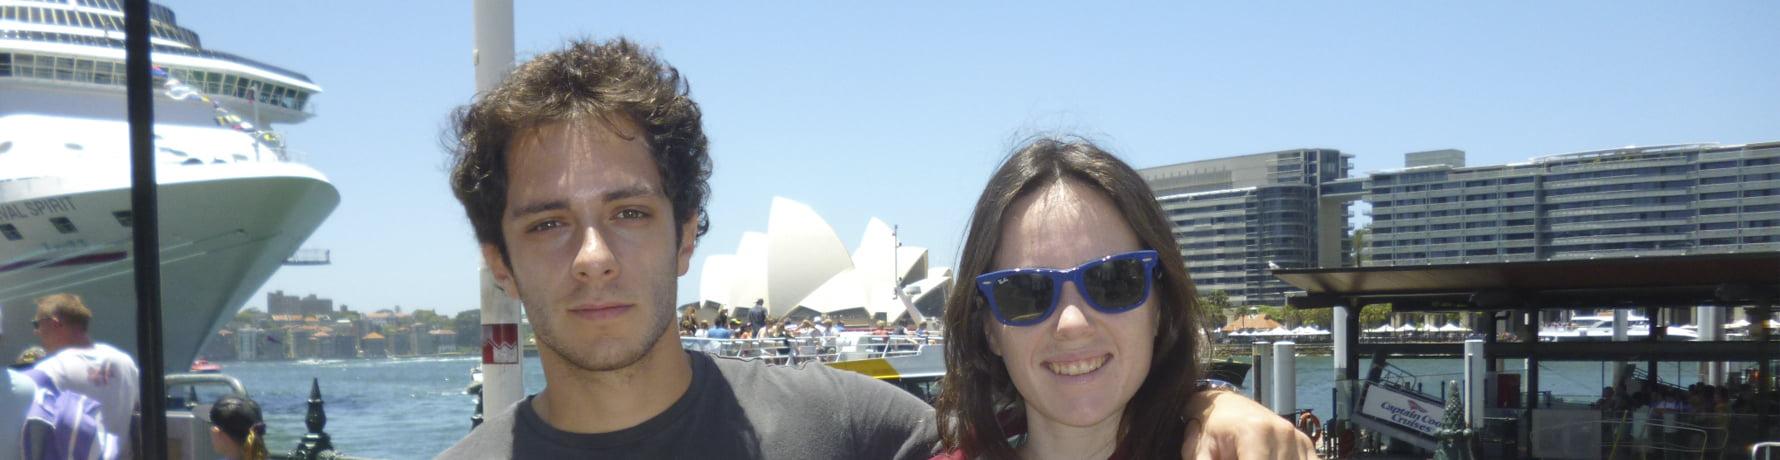 Espanoles en Australia: Guillermo en Sydney